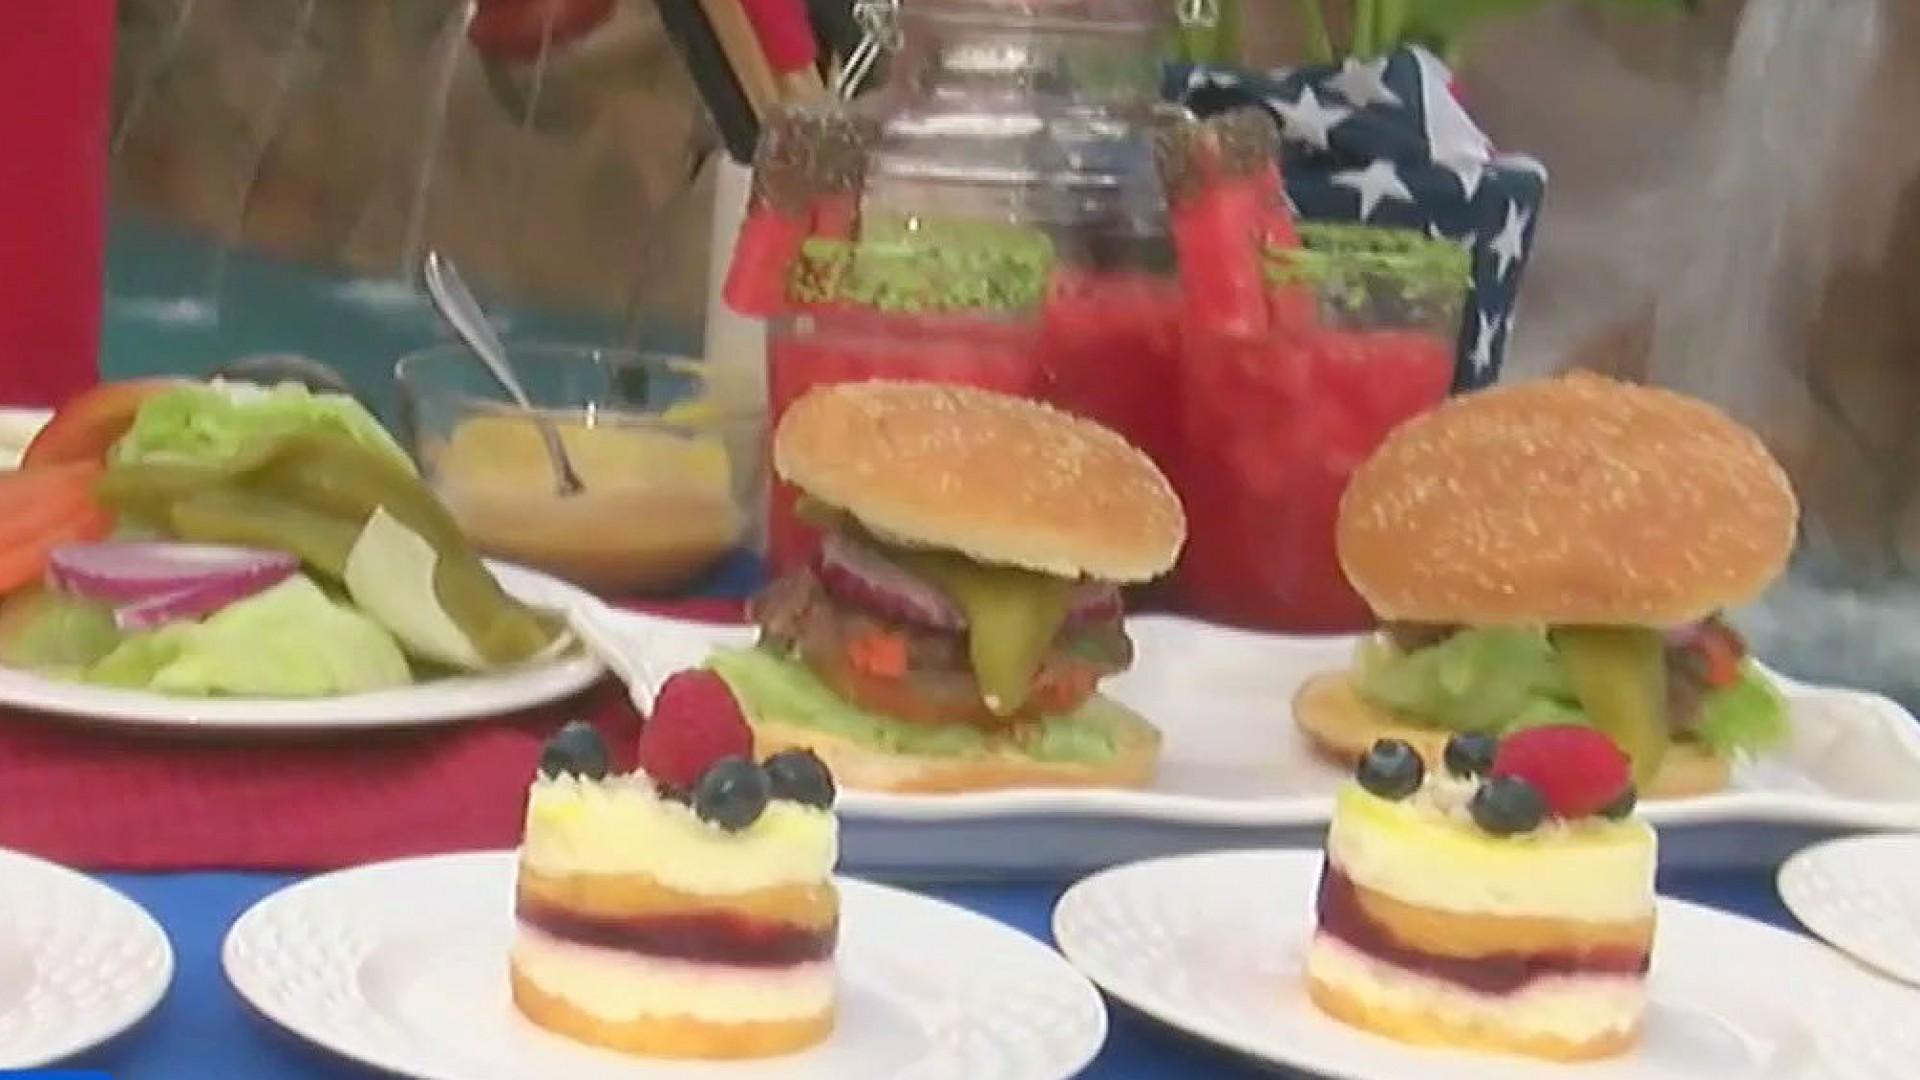 Comida para sus invitados en las fiestas del 4 de julio for Comida rapida para invitados